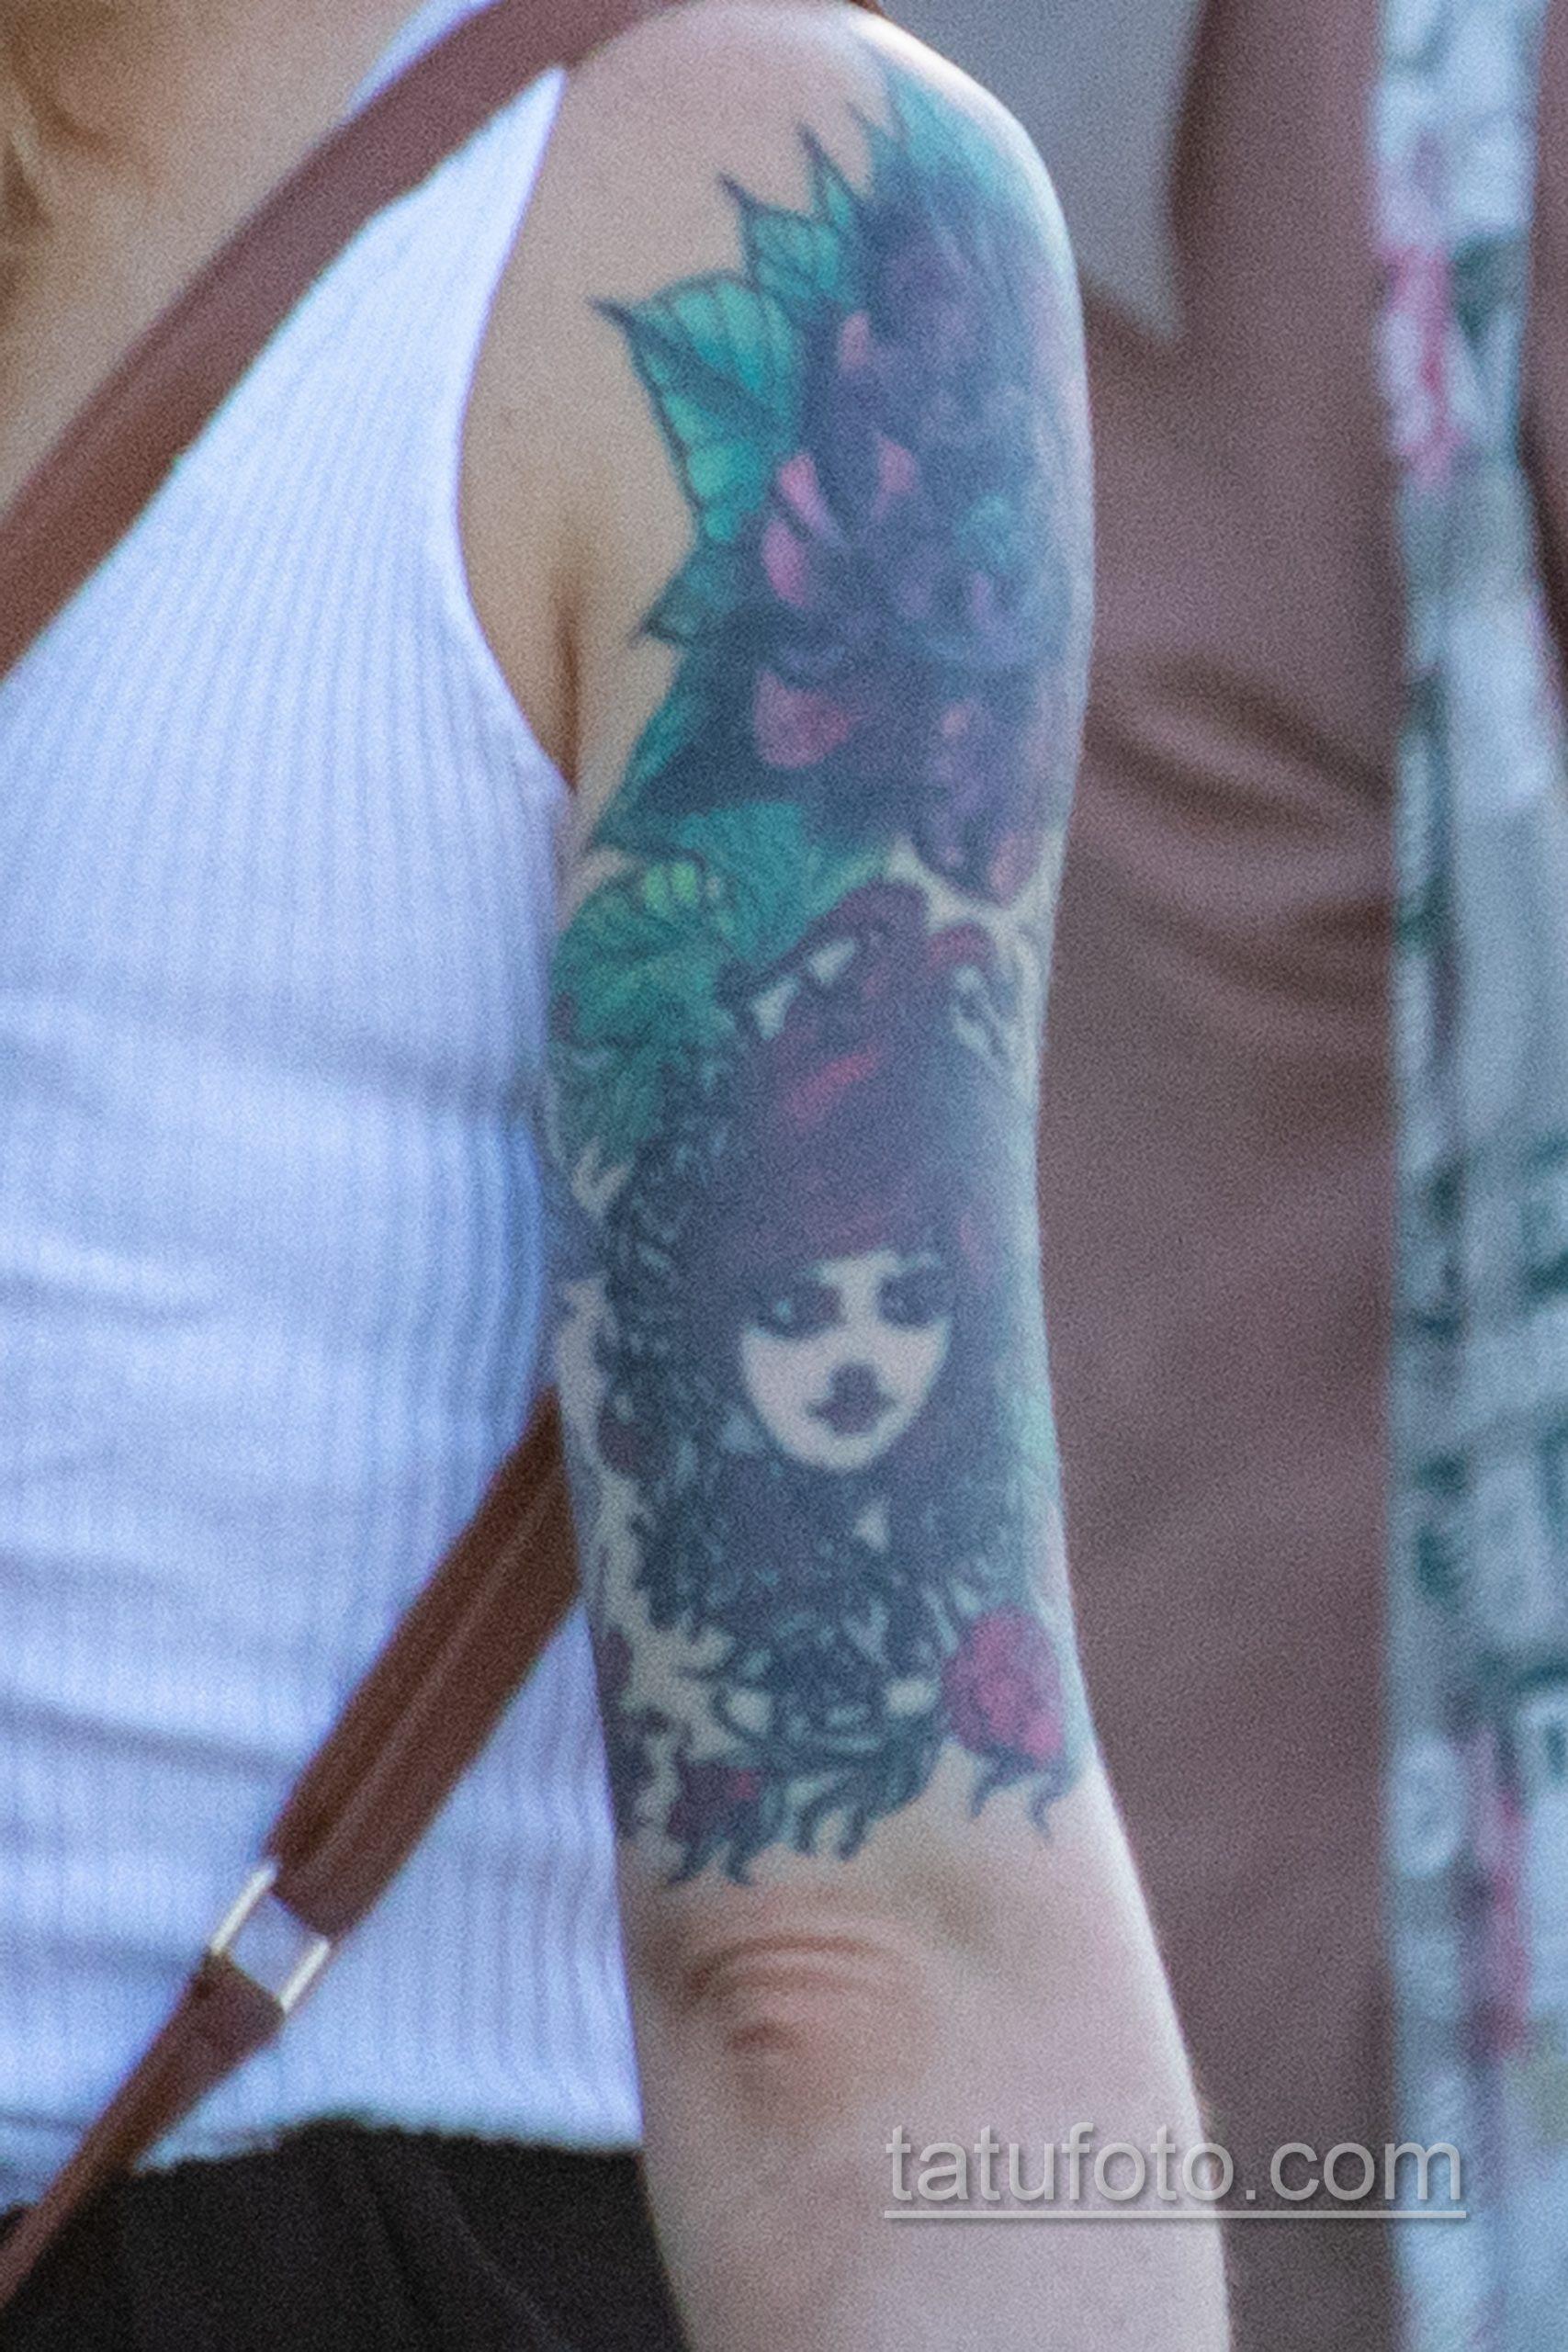 Тату на правой руке девушки с лицом – ягодами и цветами - Уличная татуировка – tatufoto.com 10